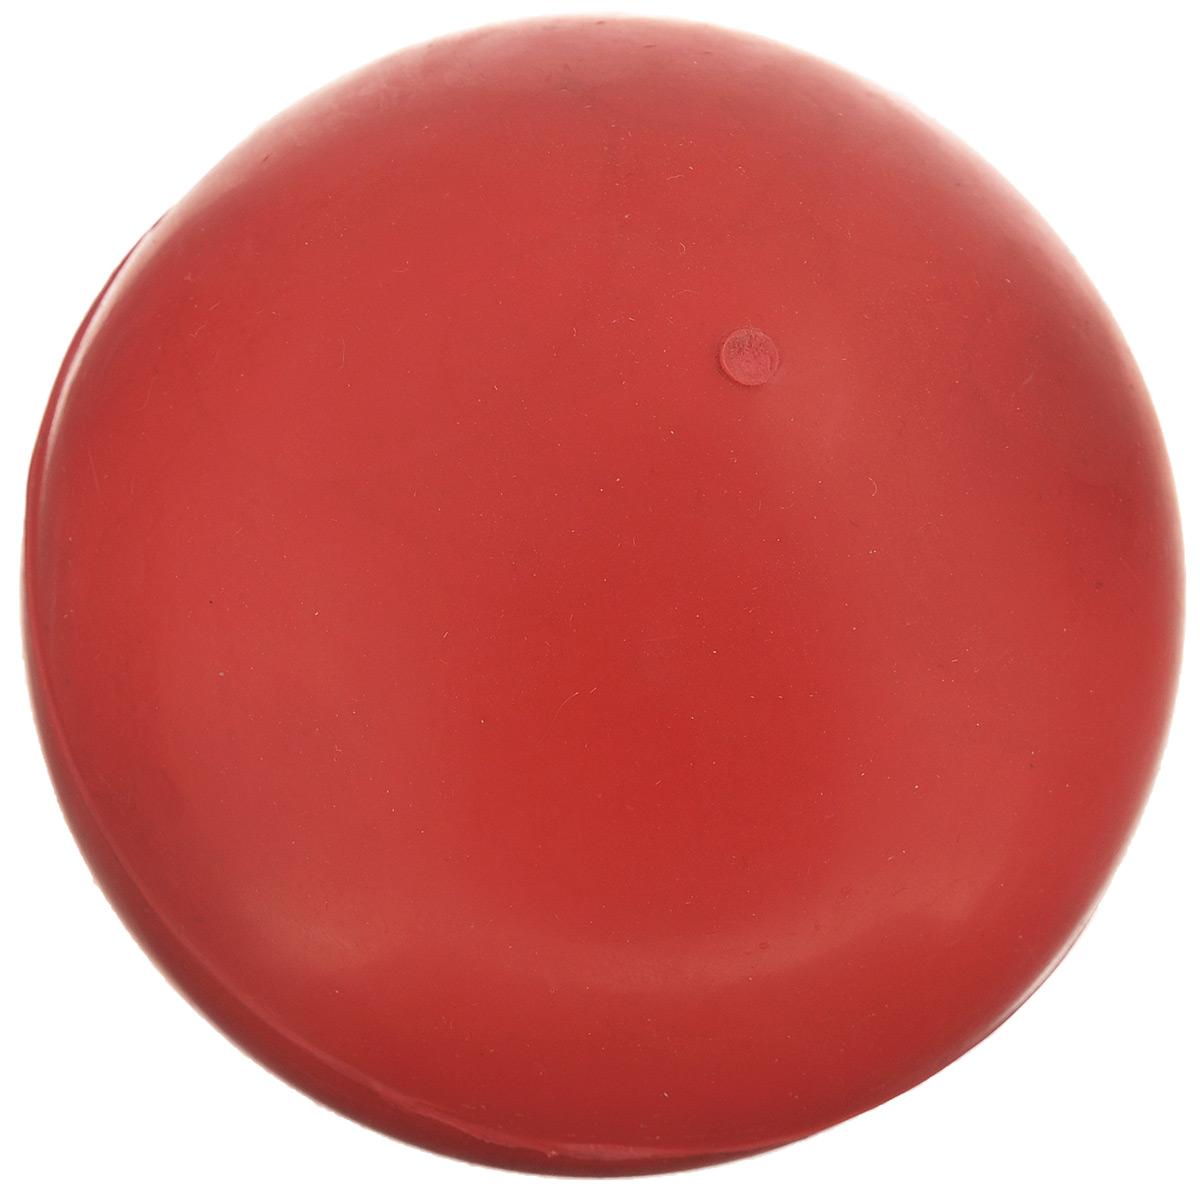 Игрушка для собак Beeztees Мяч, цвет: красный, диаметр 7,5 см игрушка для животных каскад мяч мина резиновый цвет красный 10 см